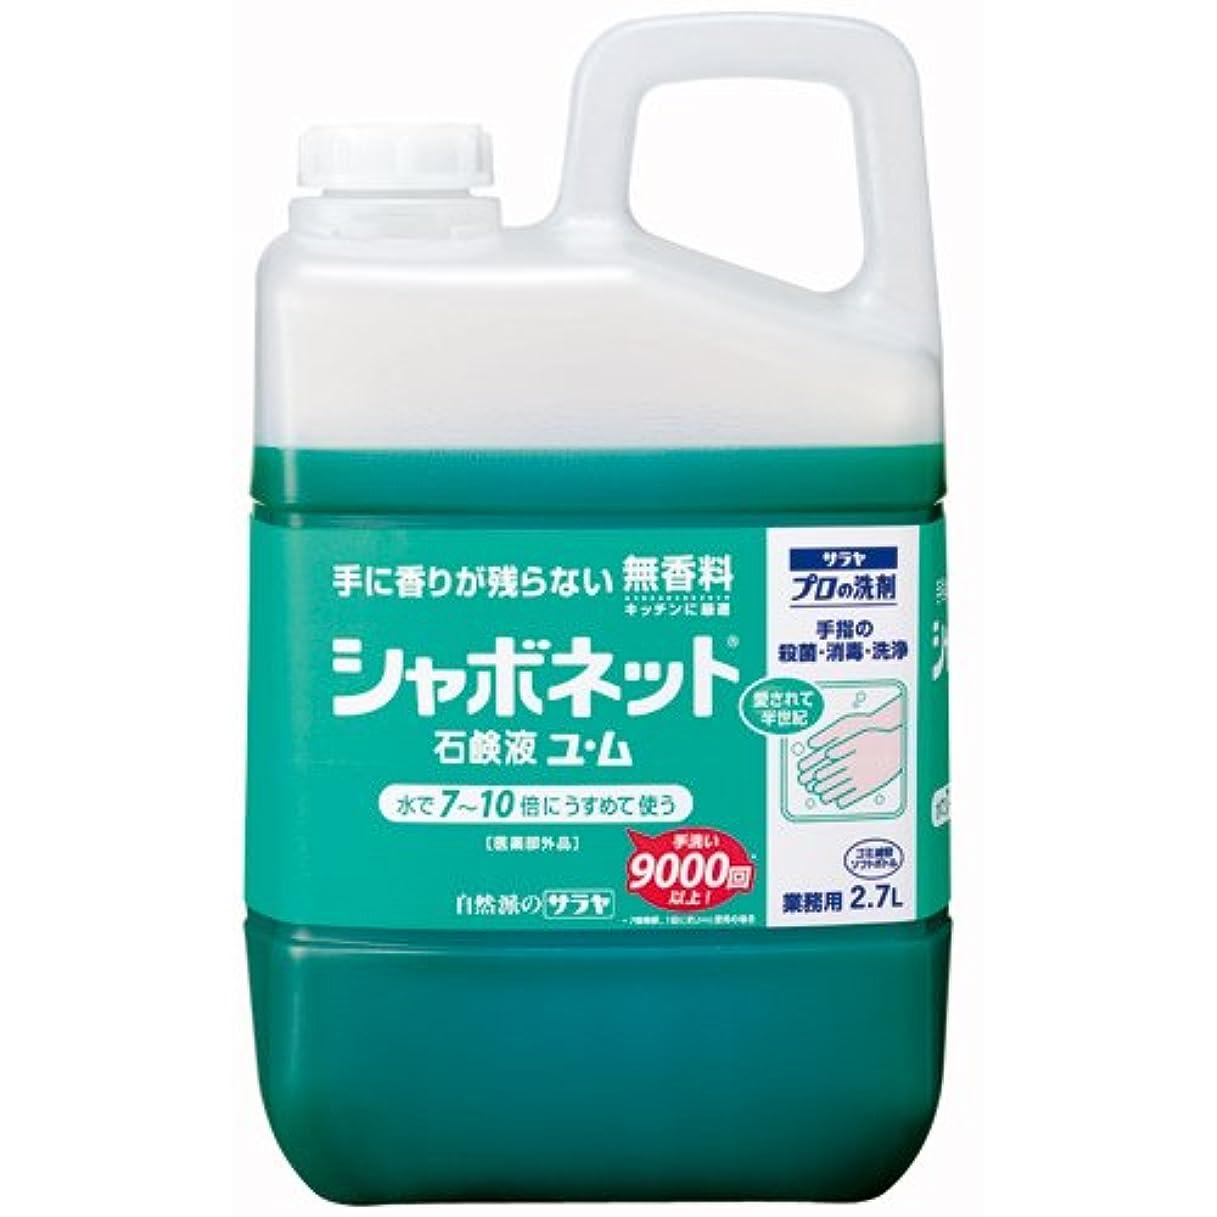 十分移動アンテナサラヤ シャボネット石鹸液 ユ?ム 無香料 業務用 2.7L